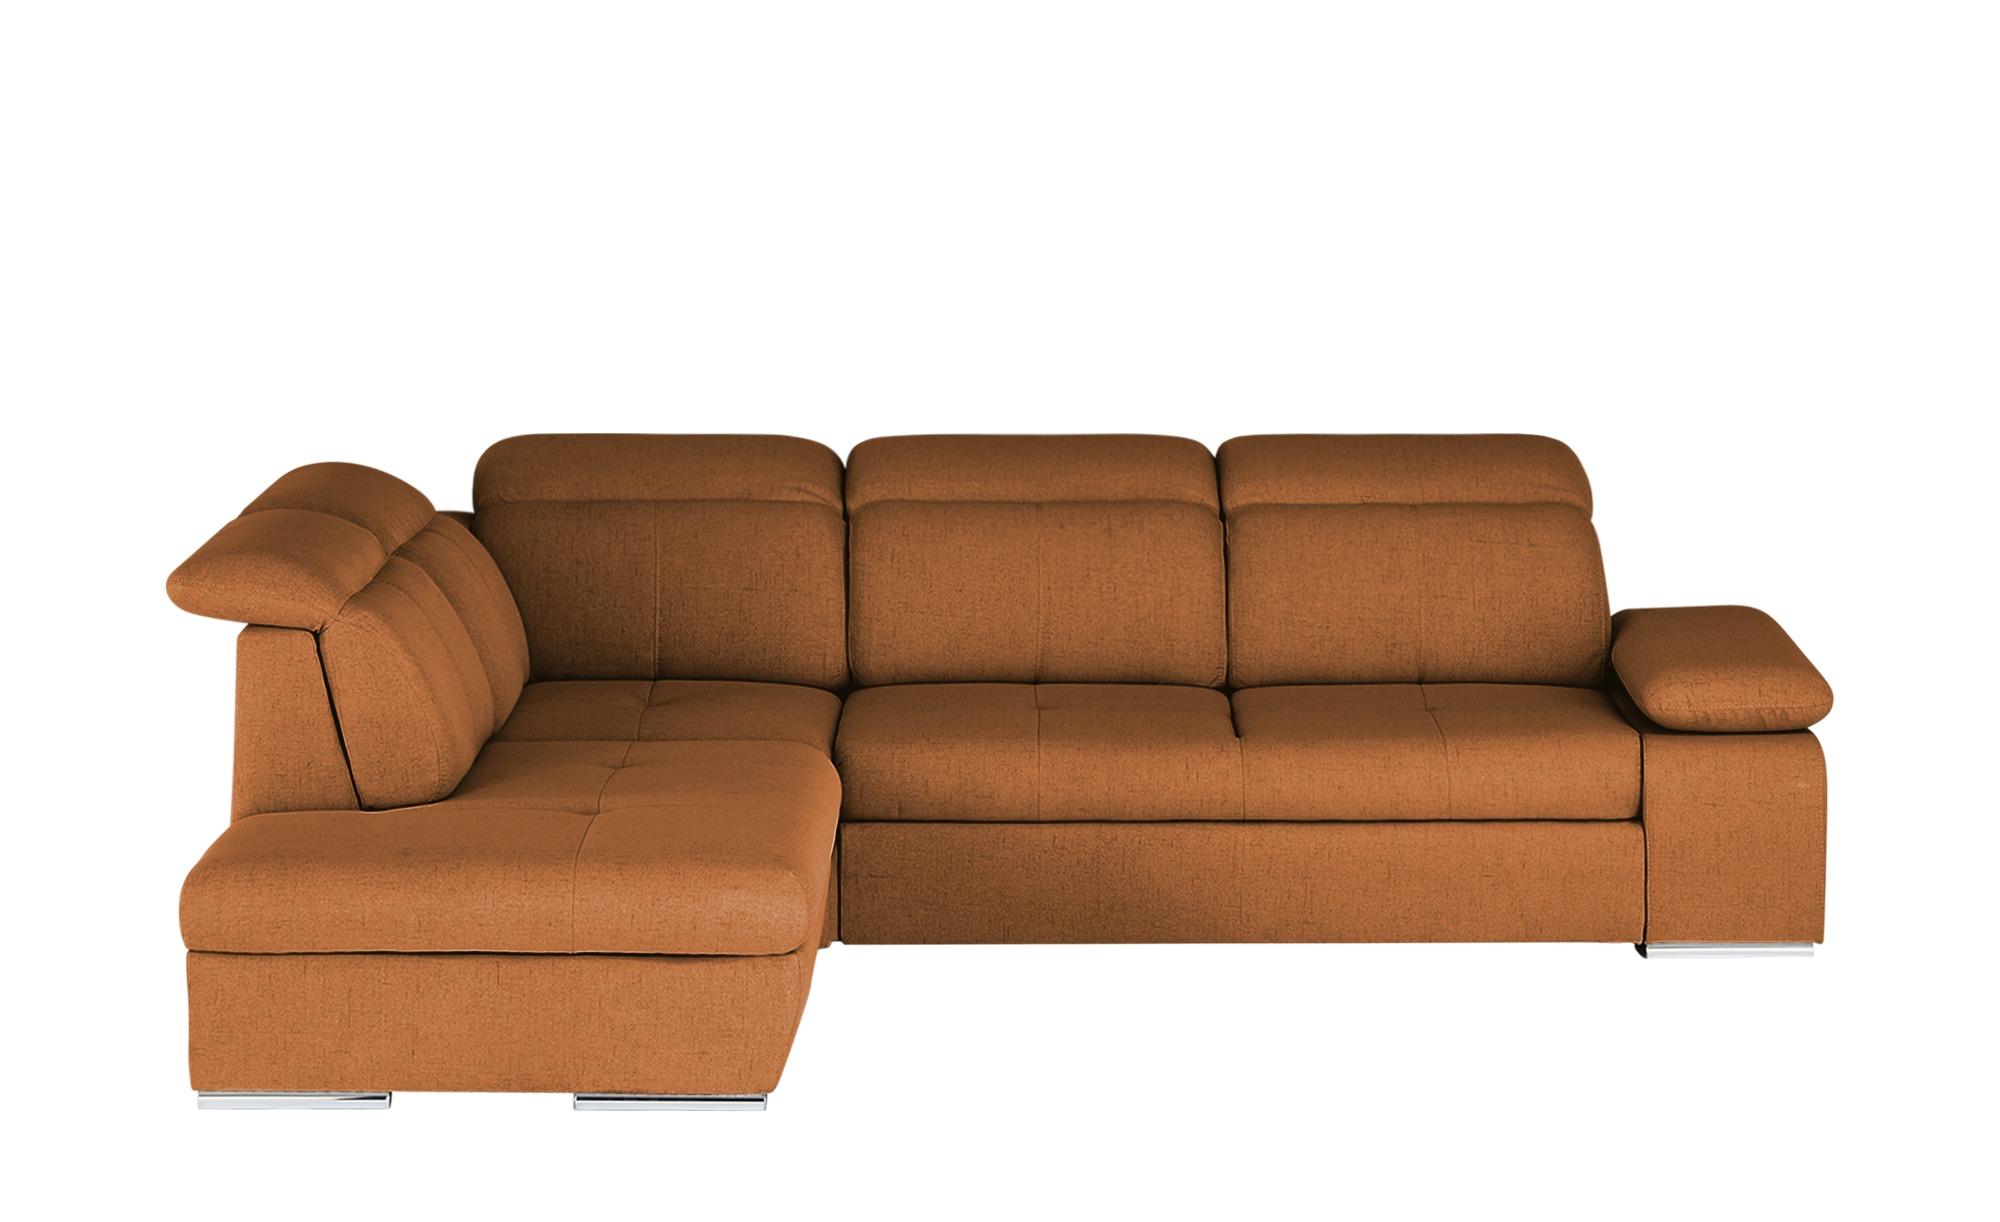 switch Ecksofa  Avilla - orange - Polstermöbel > Sofas > Ecksofas - Möbel K günstig online kaufen